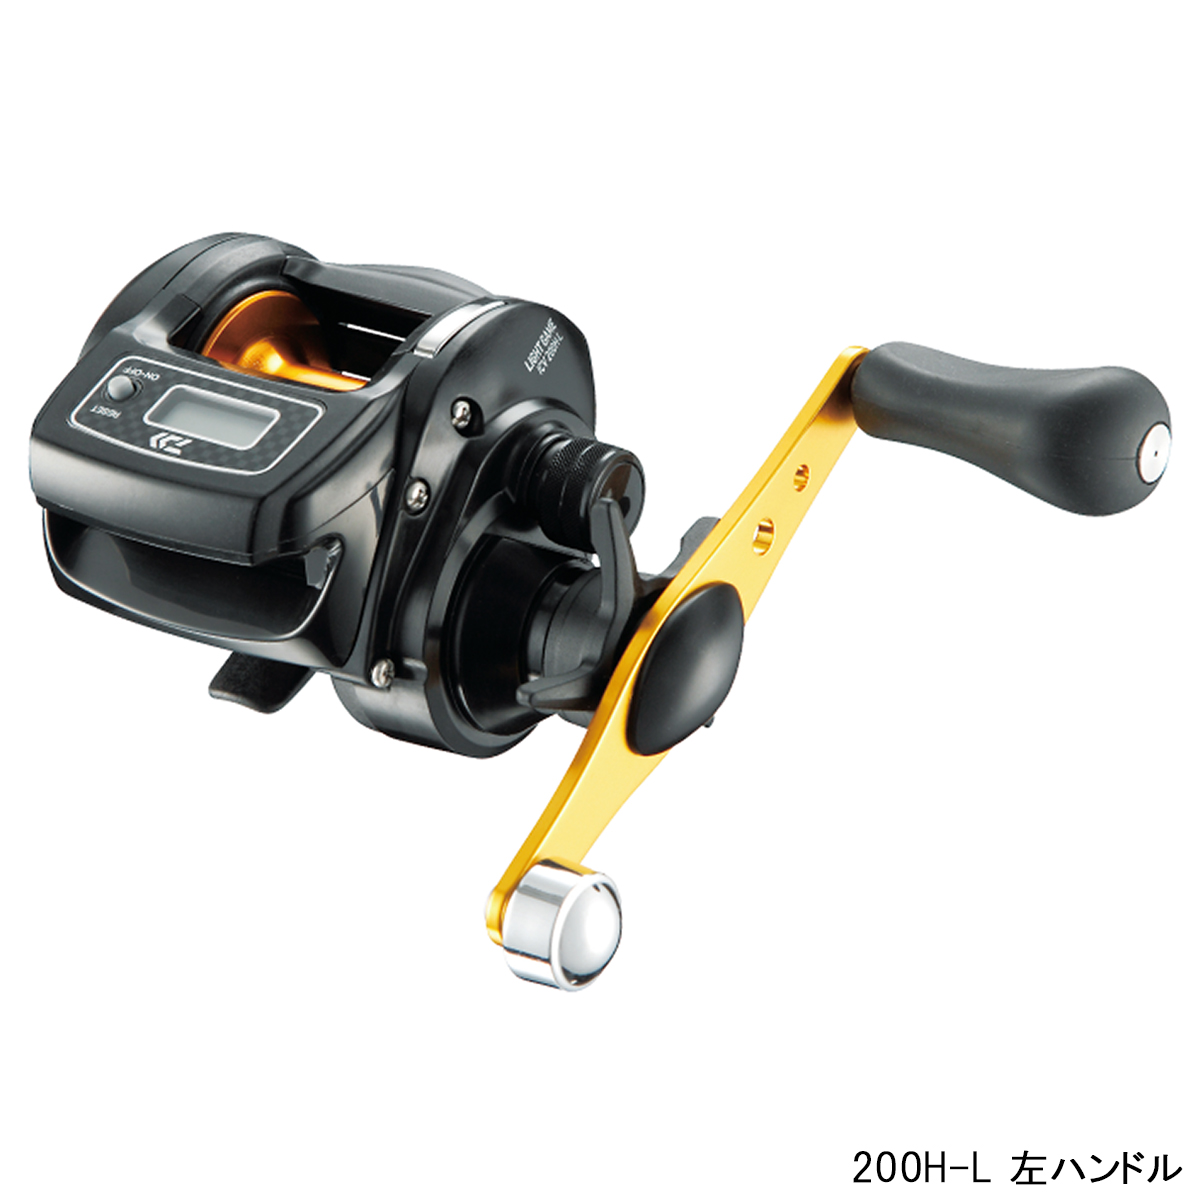 ダイワ ライトゲーム ICV 200H-L 左ハンドル(東日本店)